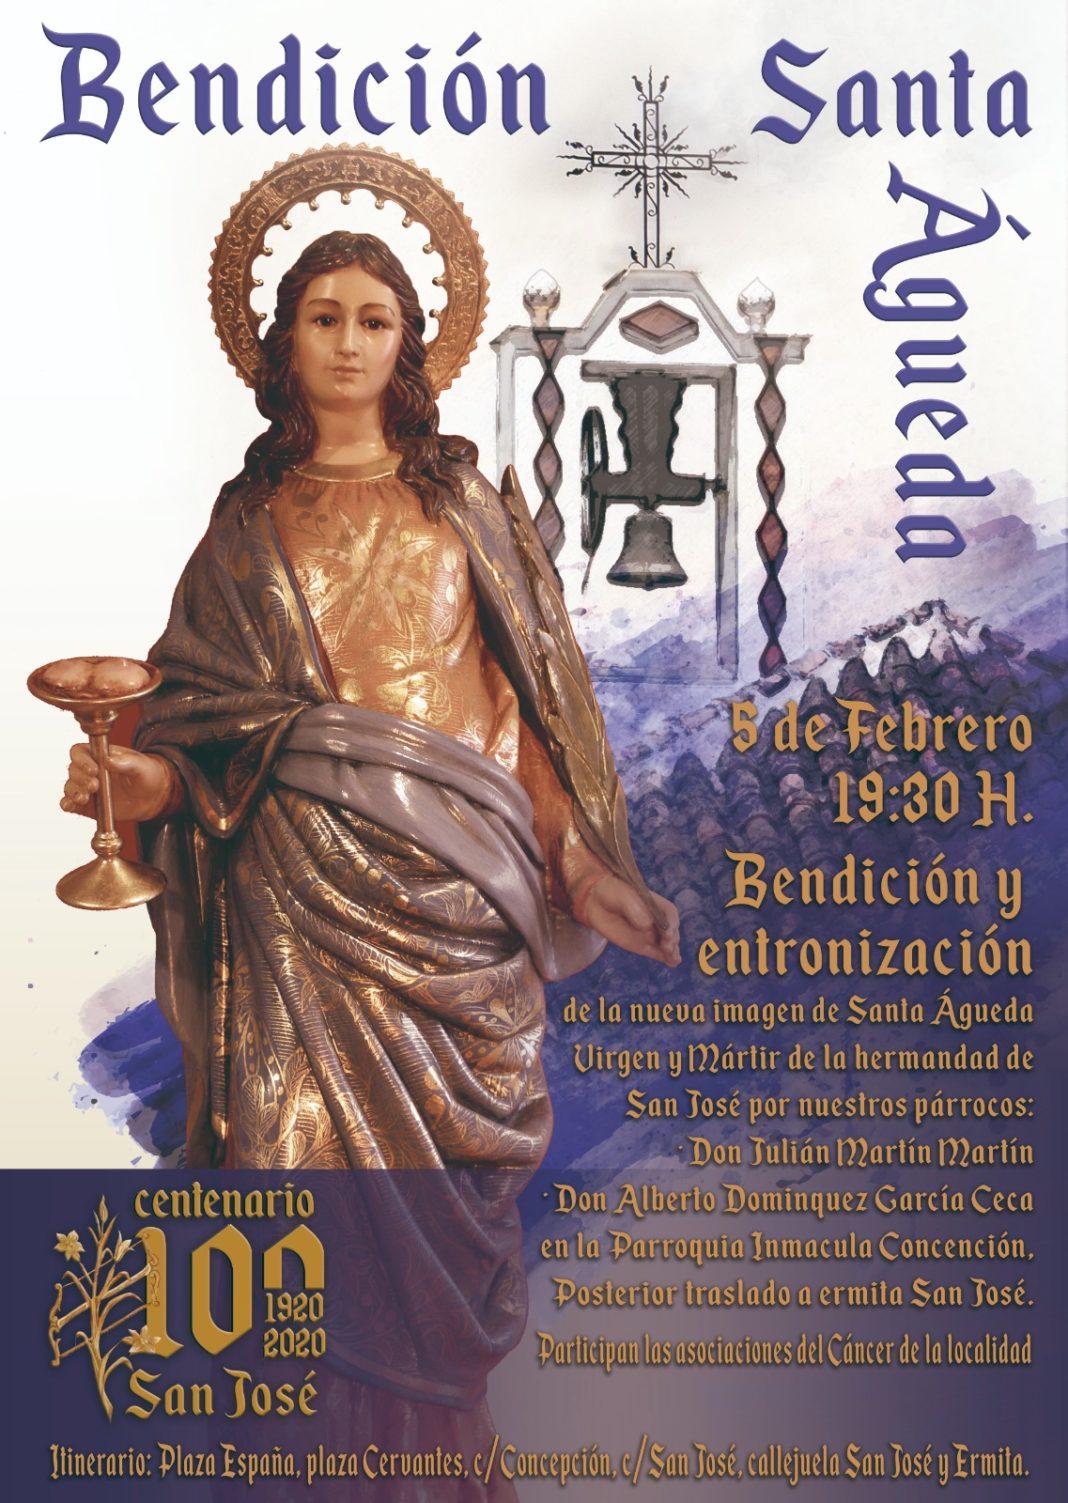 Bendición y entronización de la nueva imagen de Santa Águeda 4